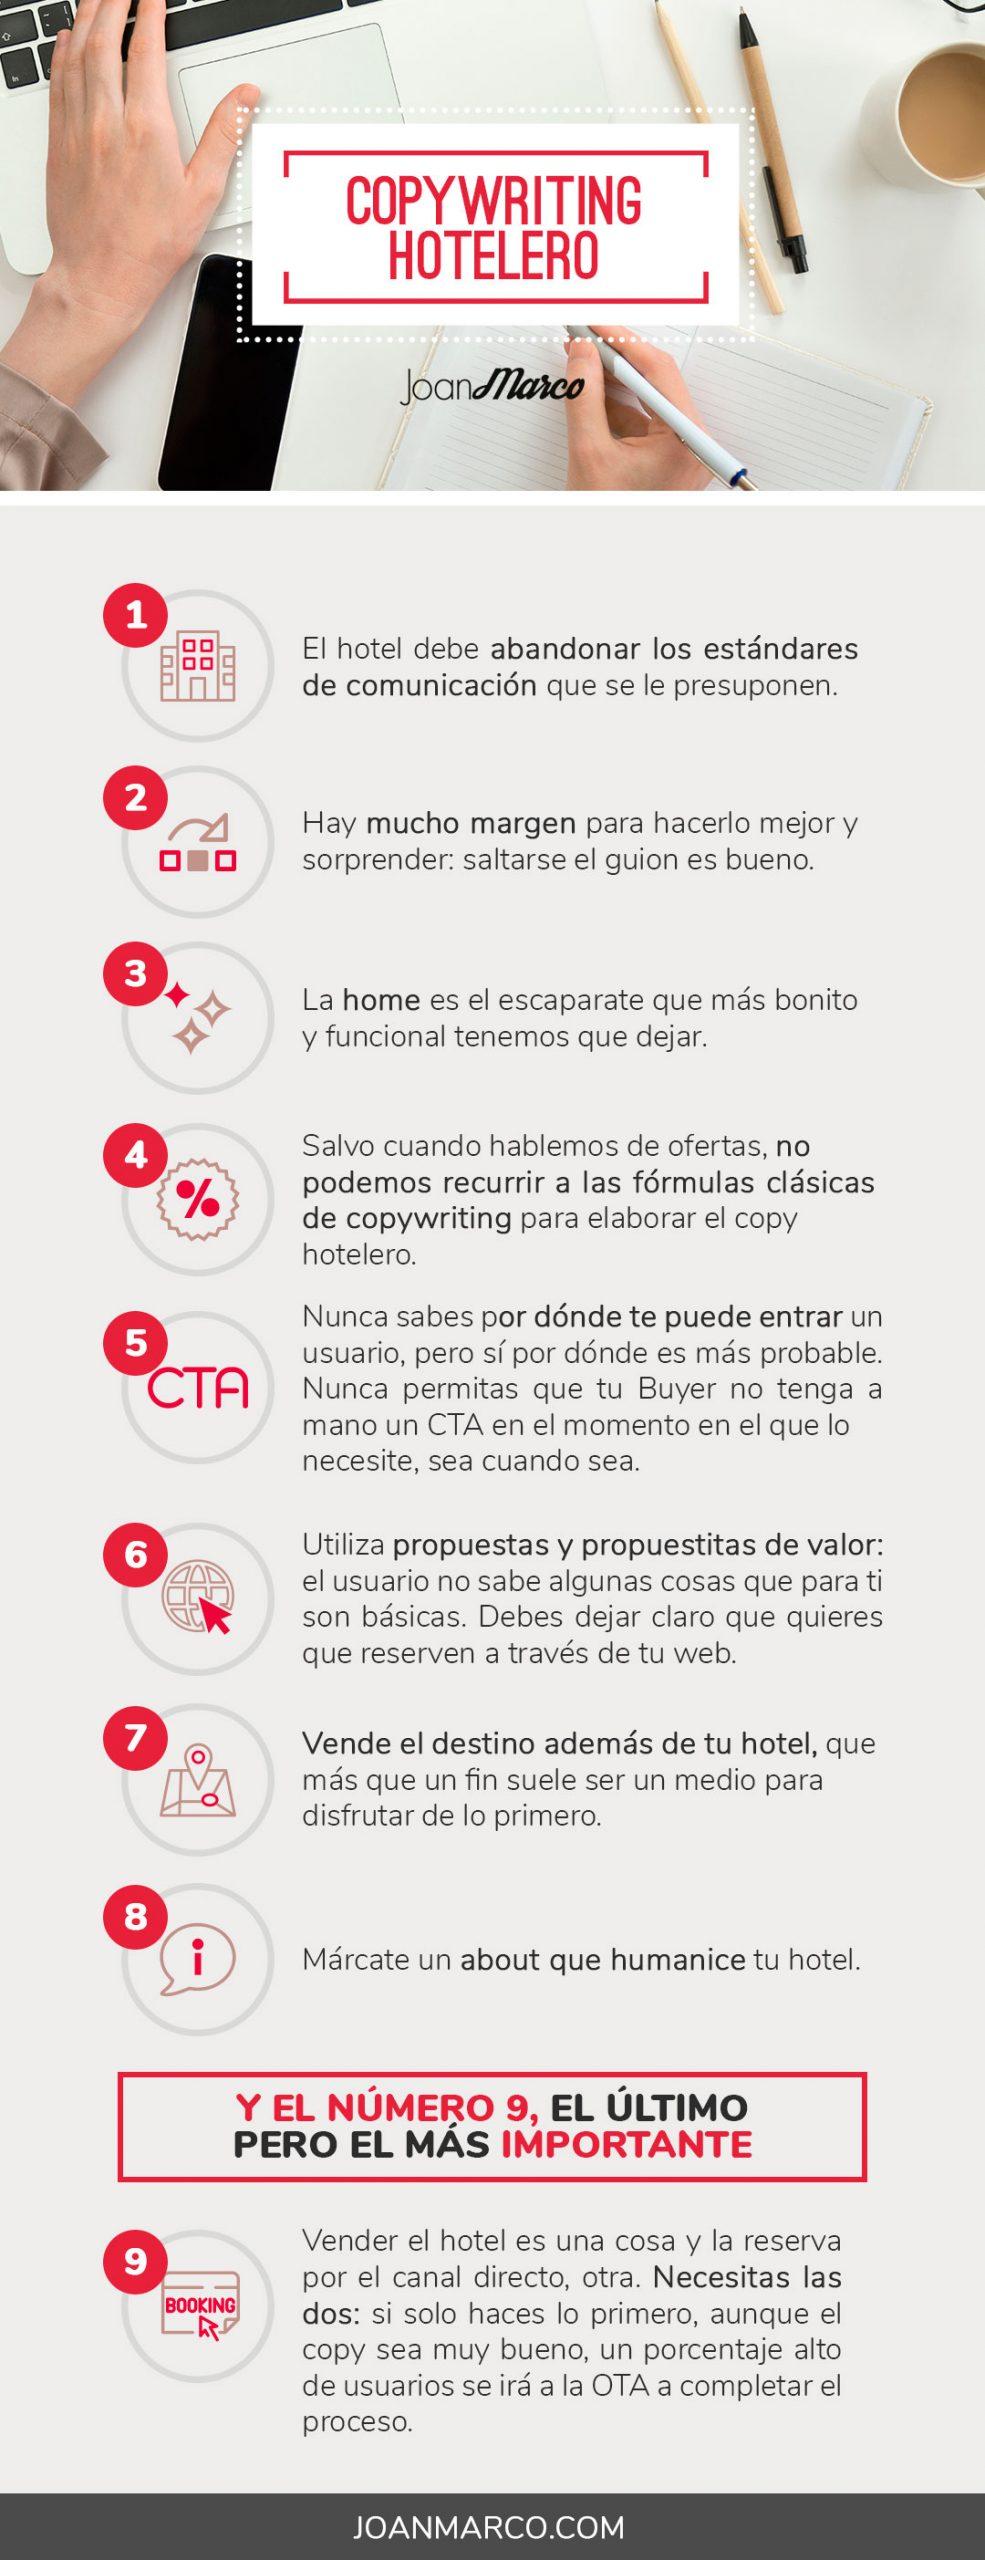 Infografía - Copywriting para hoteles